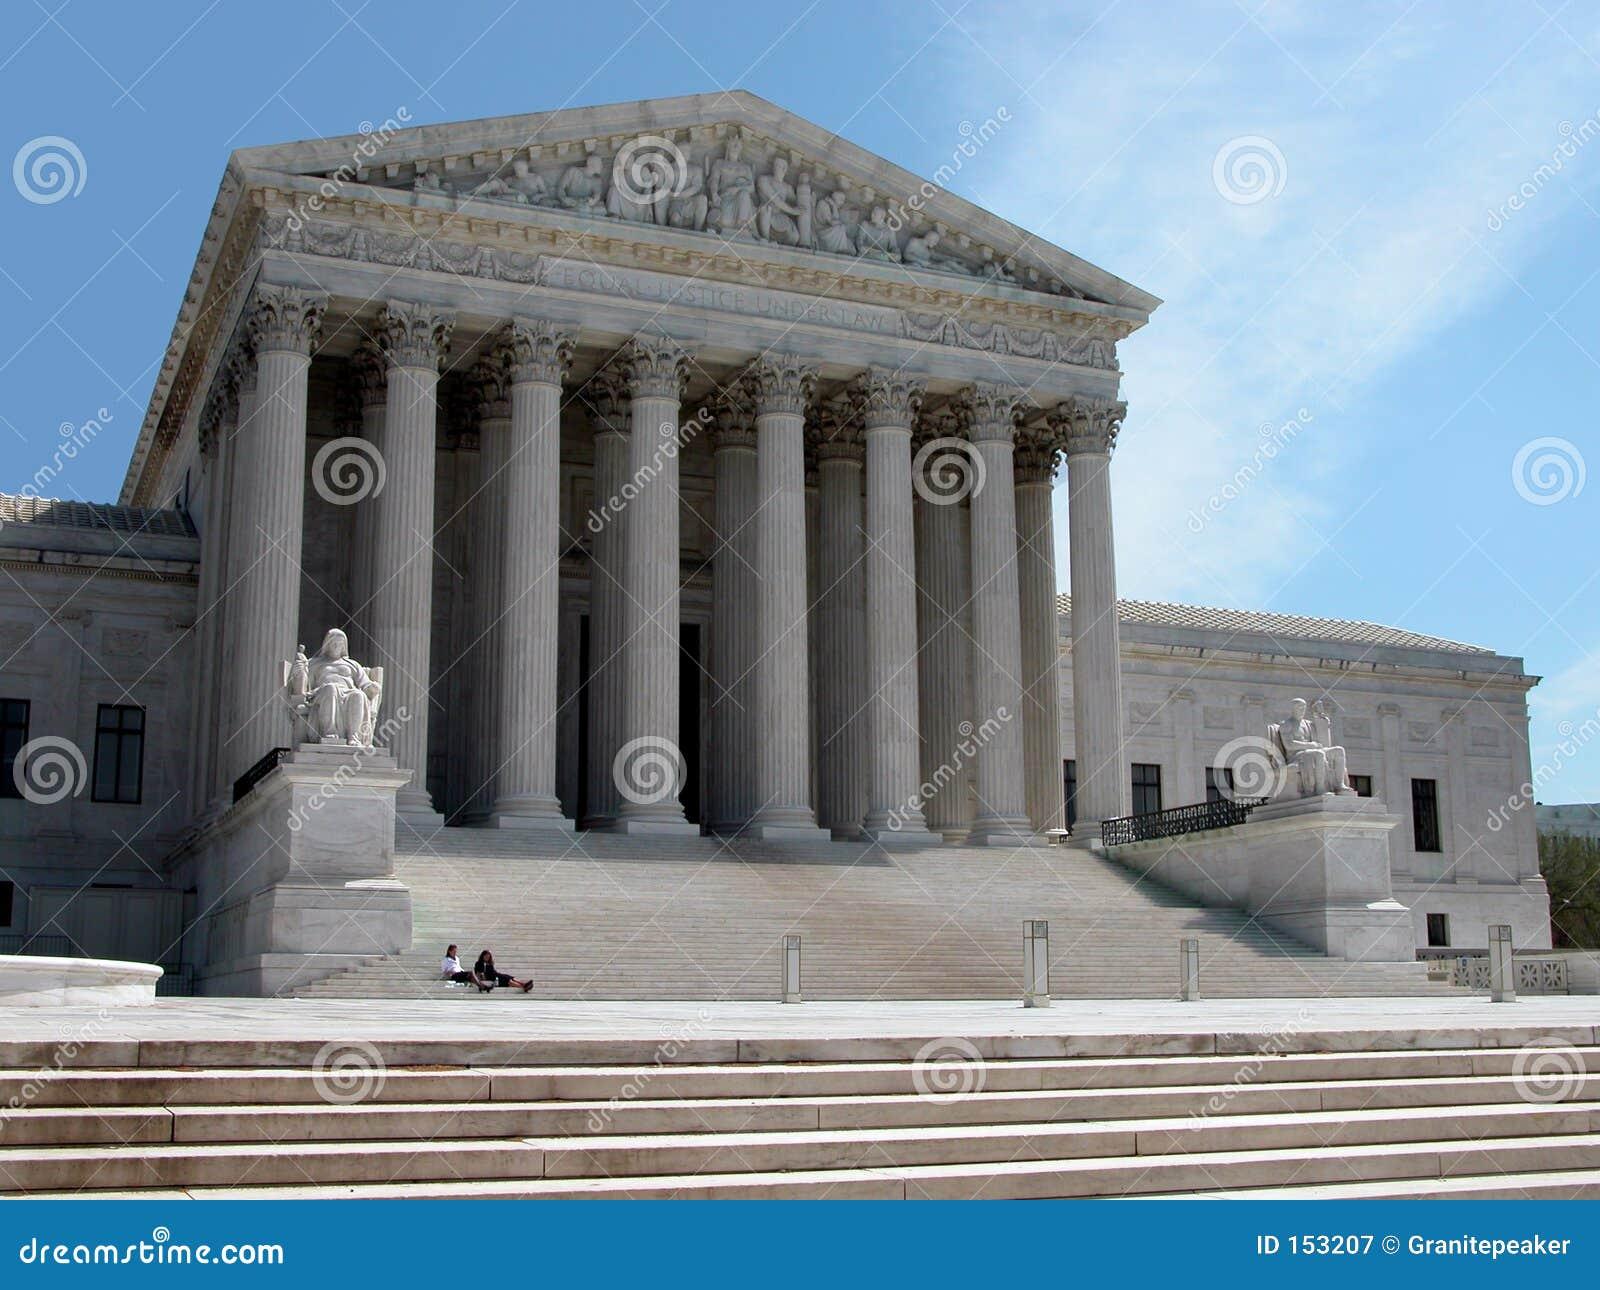 America s Supreme Court